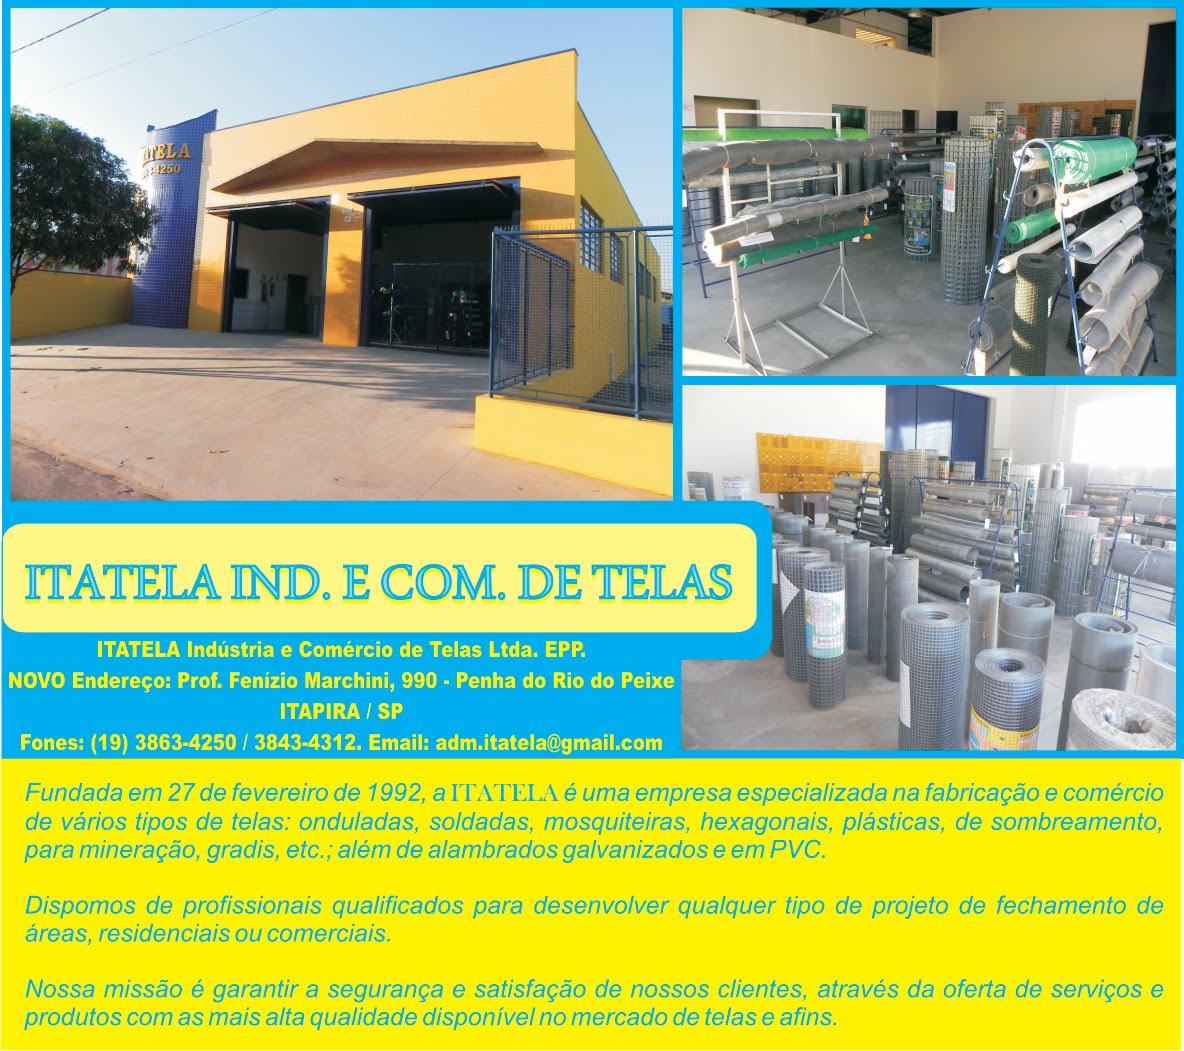 ITATELA IND. E COM. DE TELAS LTDA.